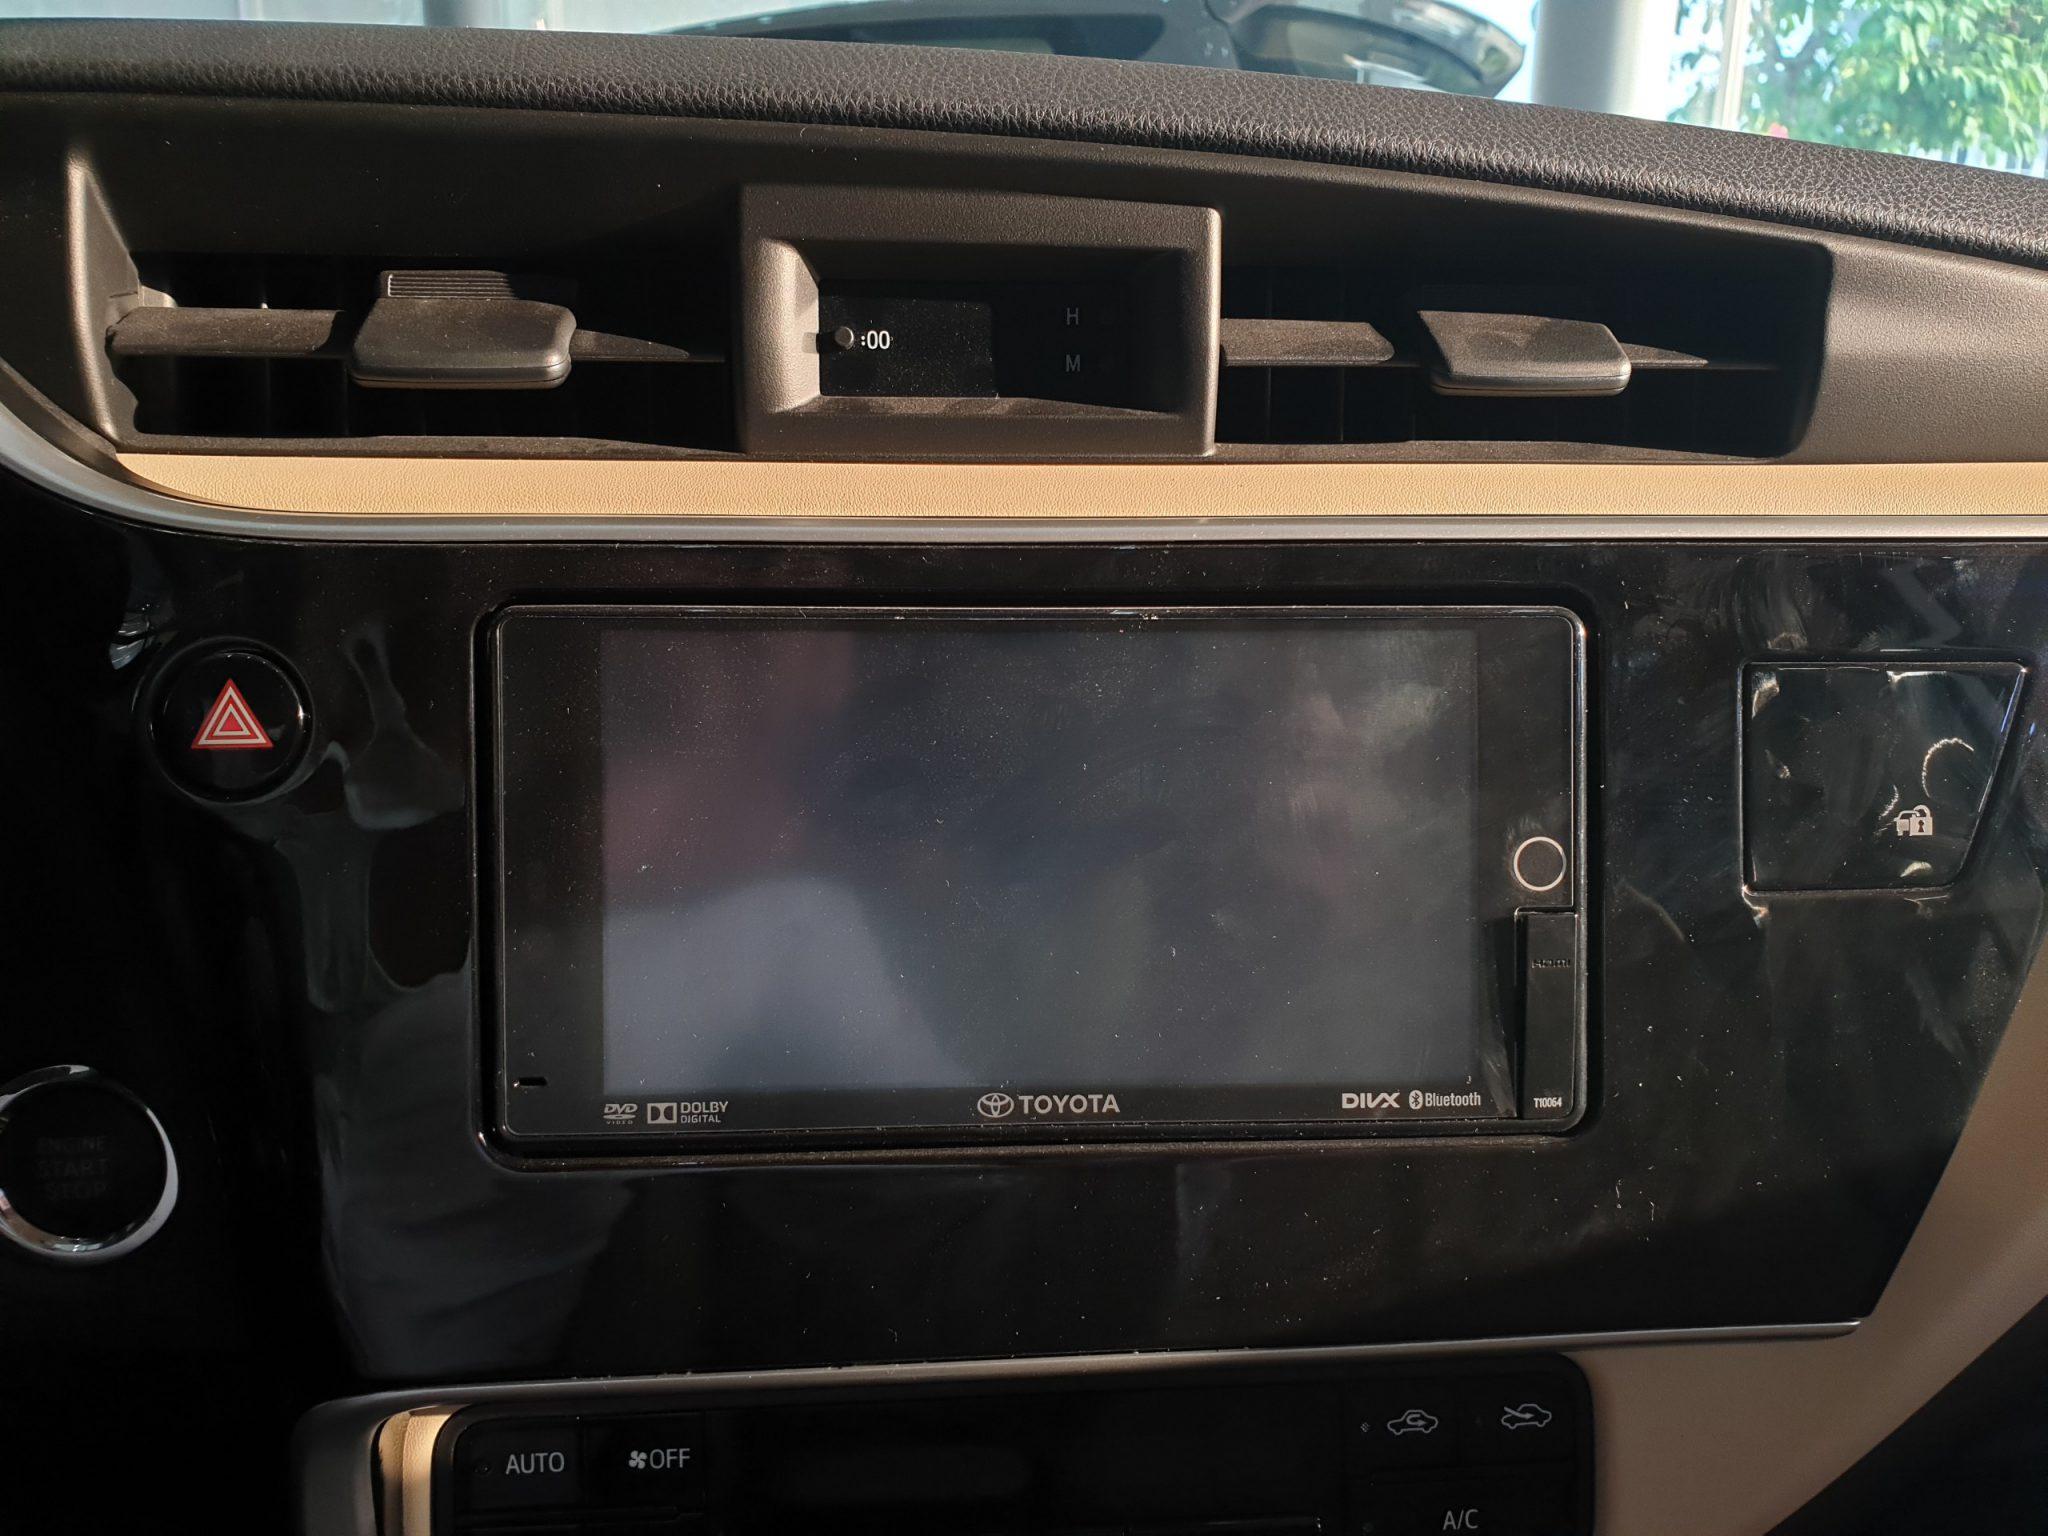 Altis 1.8 G CVT ảnh 4 - Altis 1.8 G CVT [hienthinam]: khuyến mãi và giá xe cập nhật mới